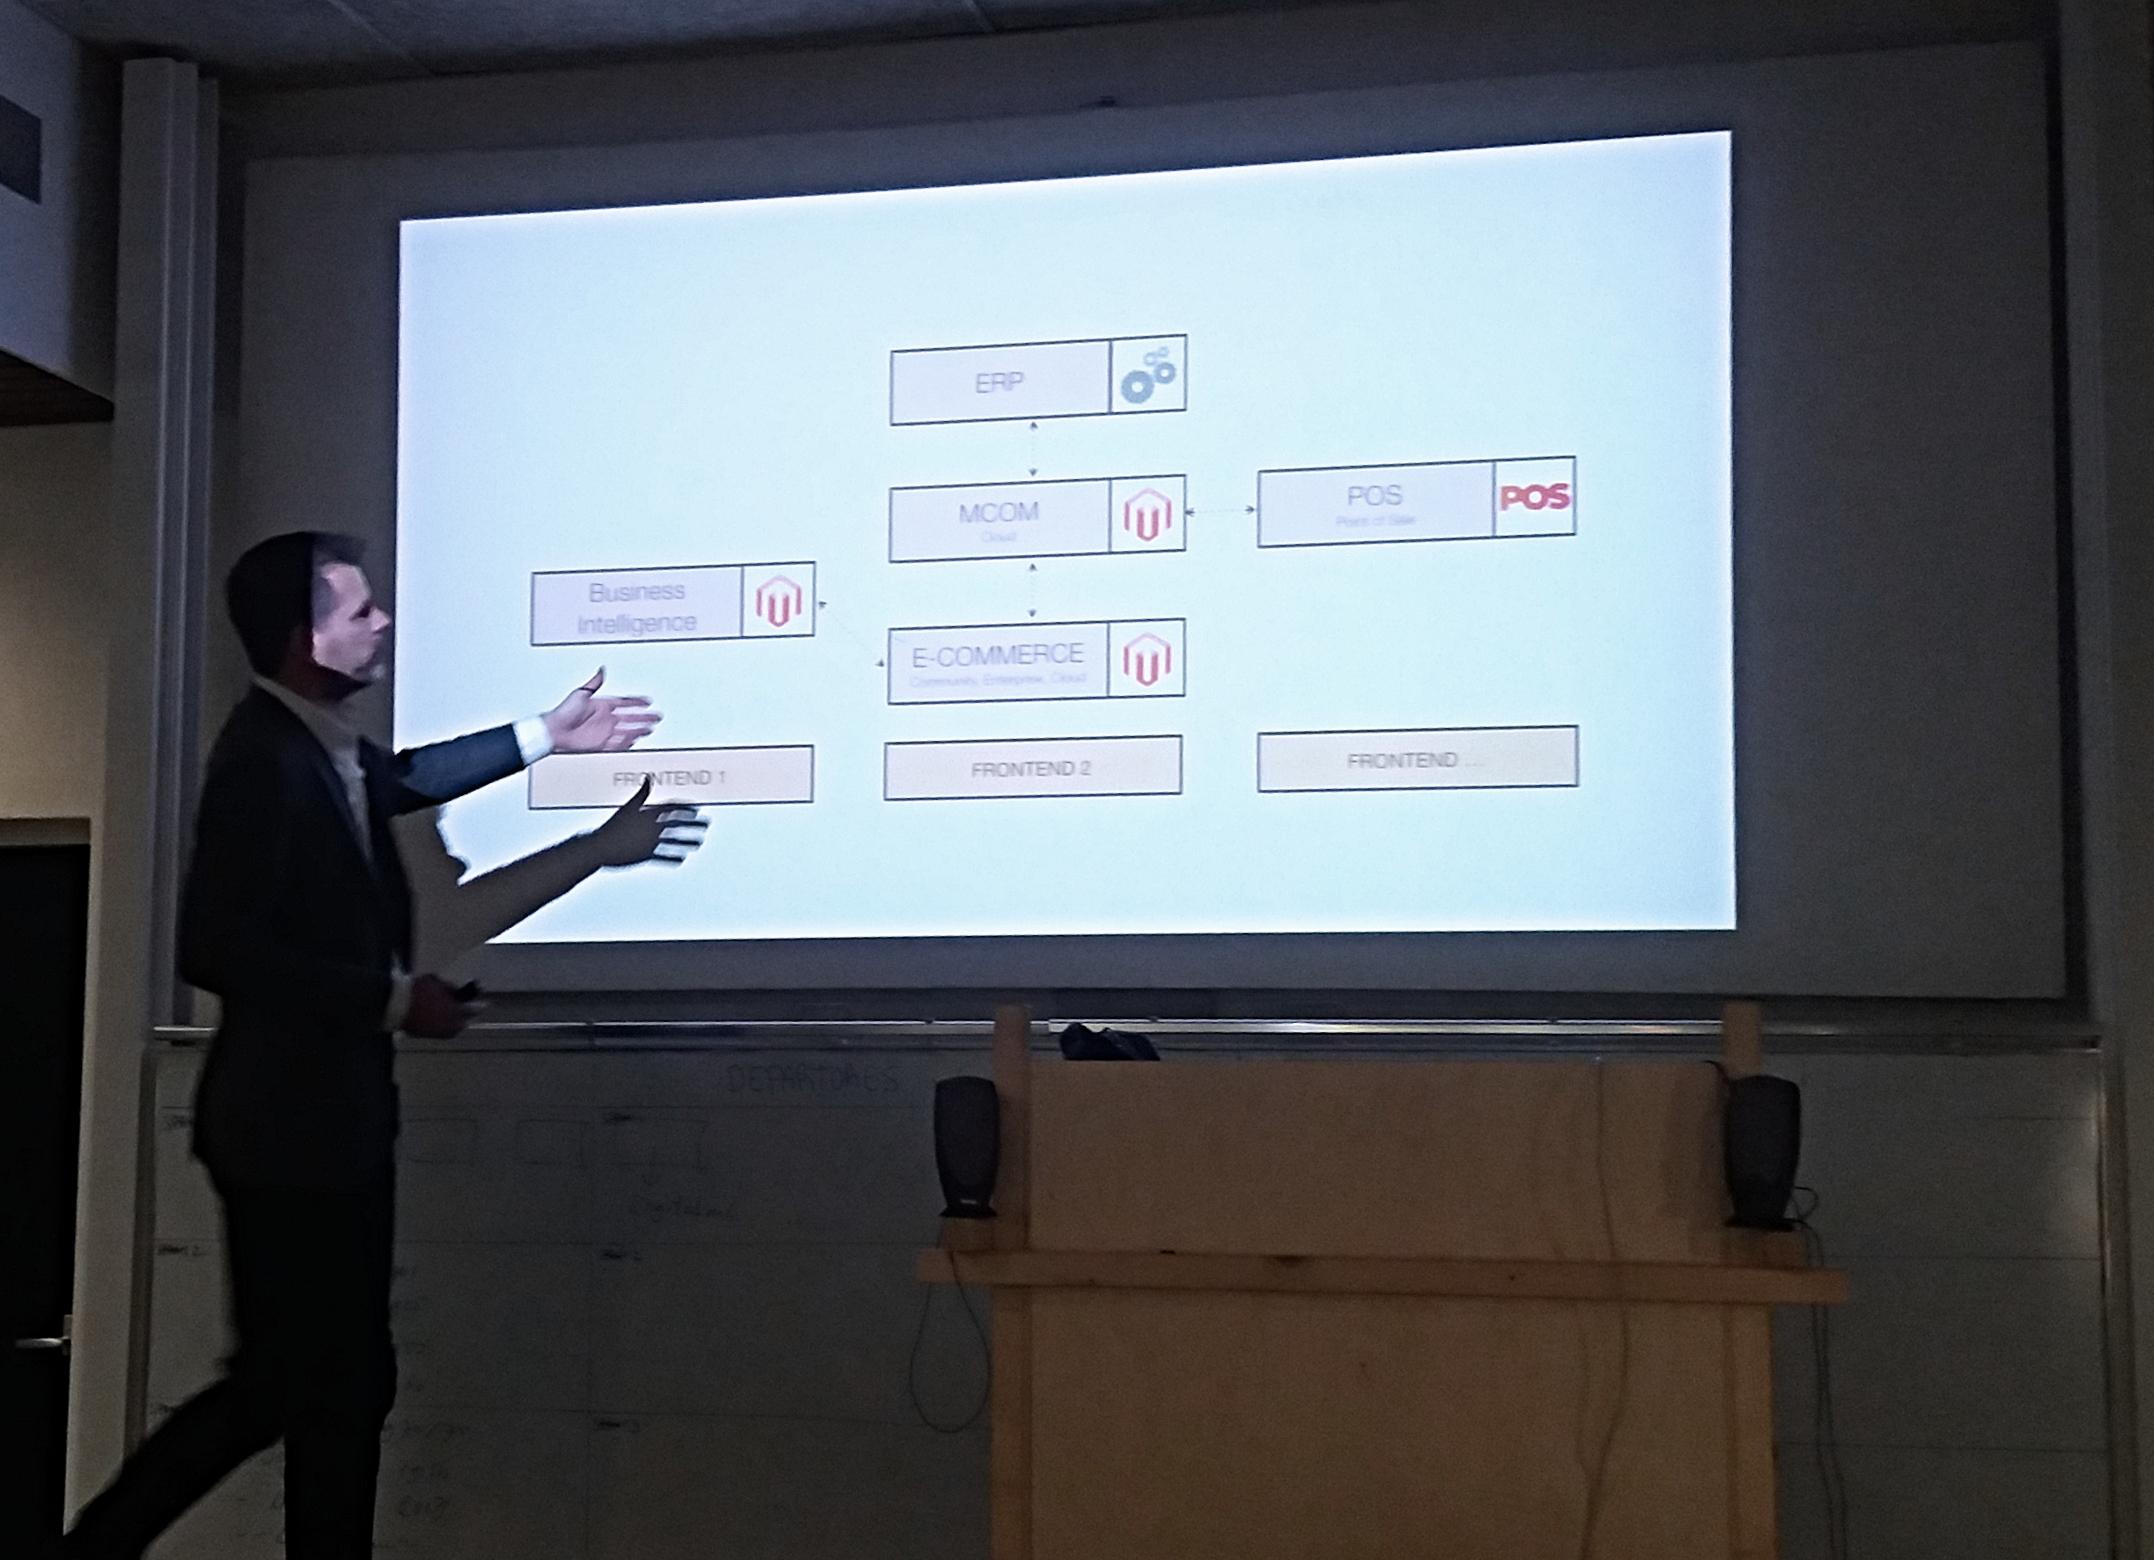 Falco presenteert Magento2 op een scherm